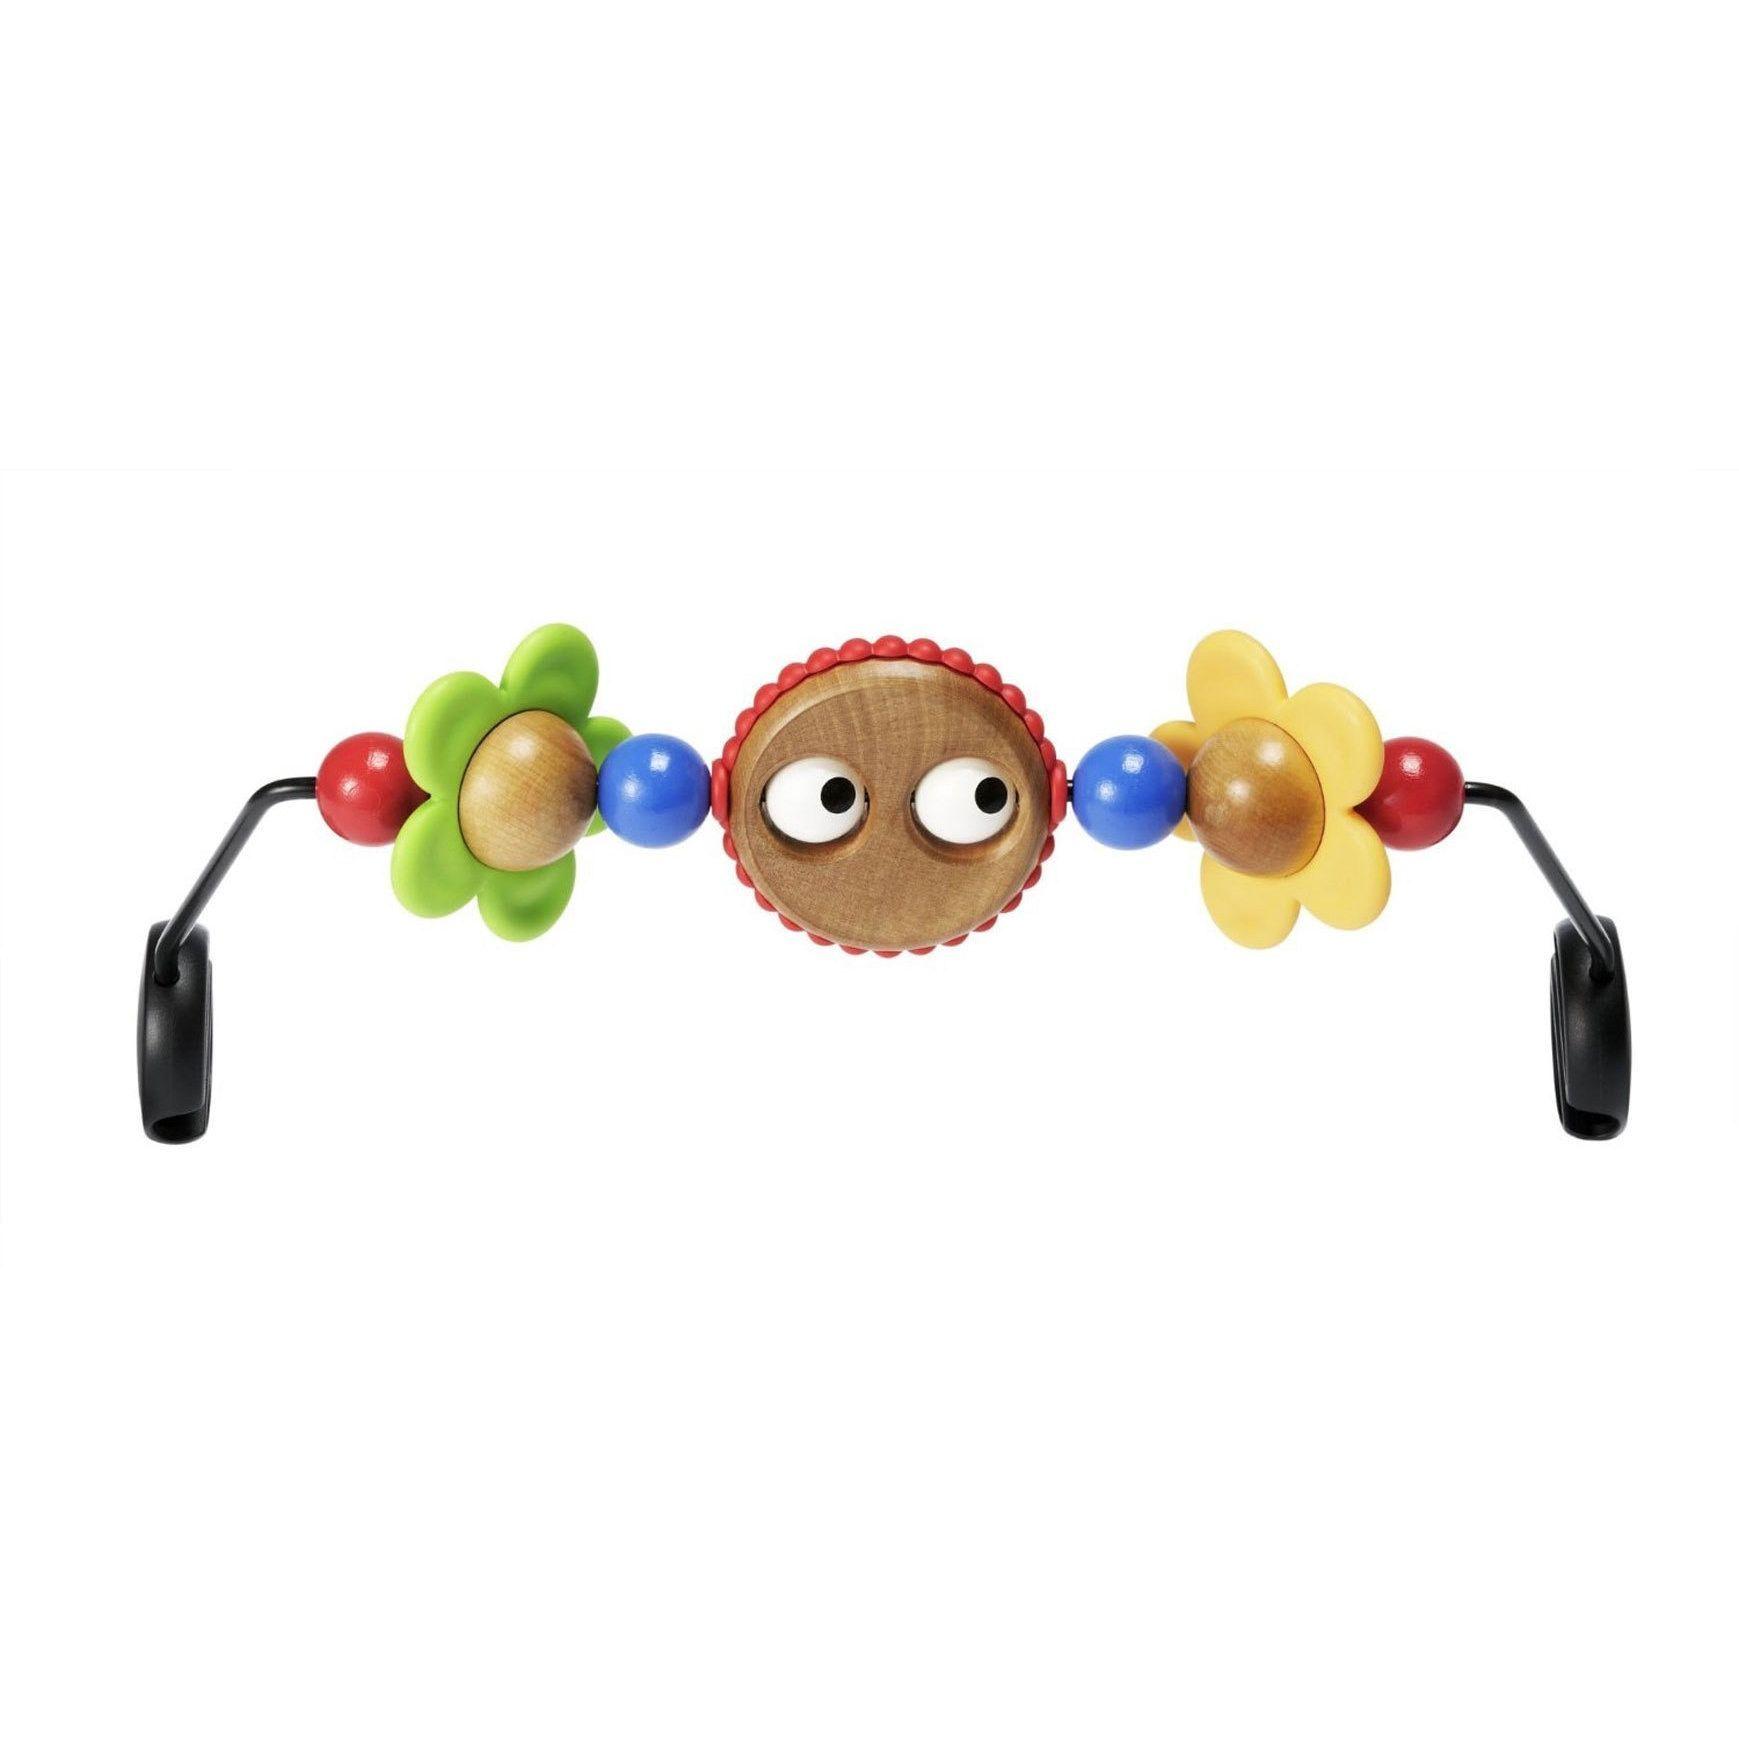 Baby Bjorn en Toy for Bouncer